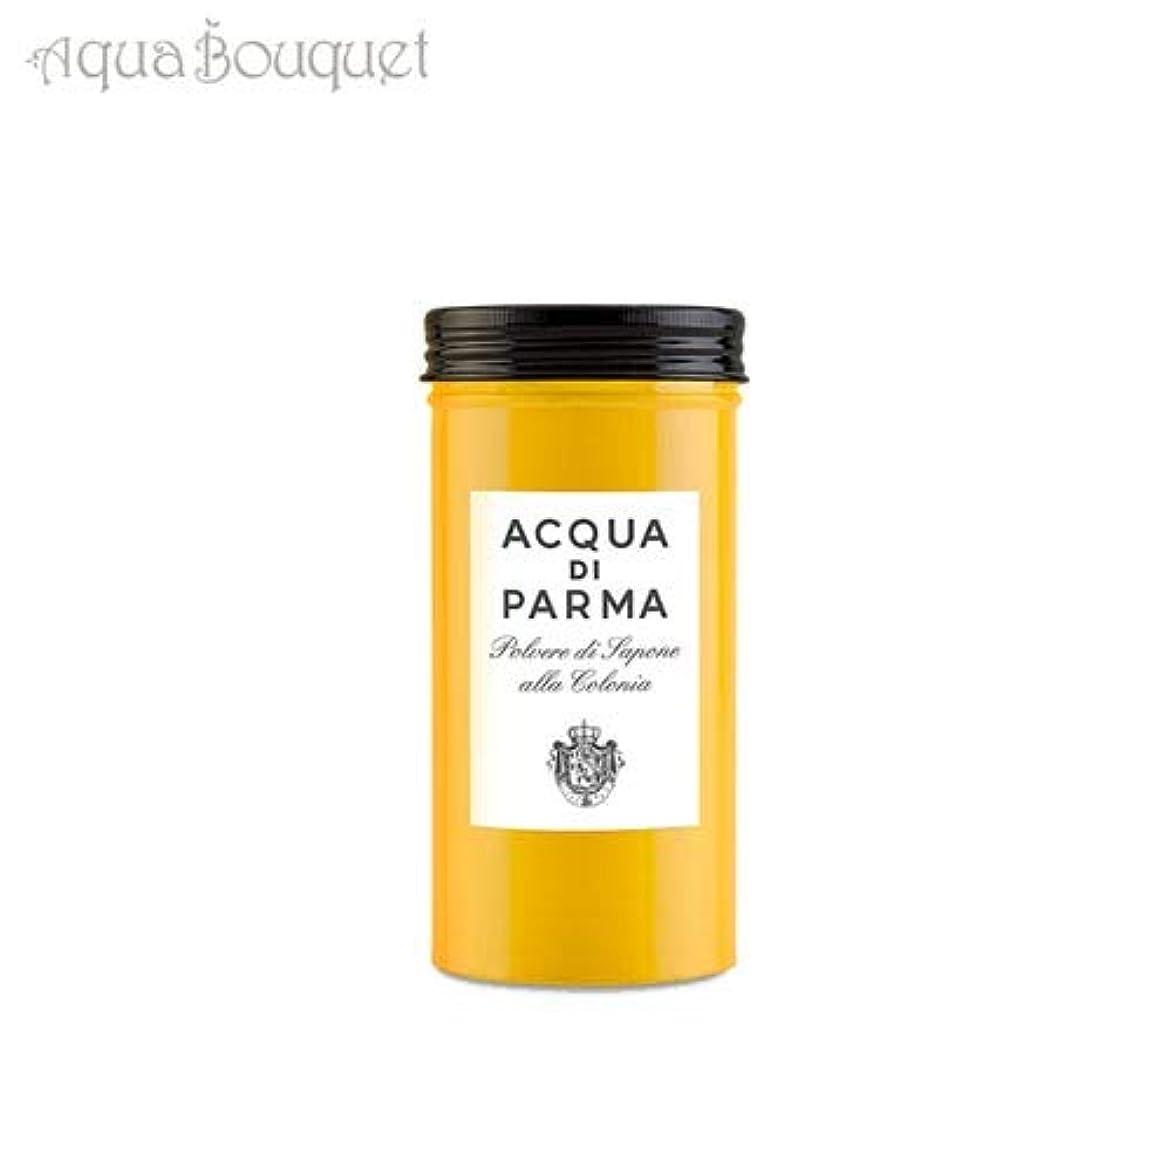 有望更新石灰岩アクア ディ パルマ コロニア パウダーソープ 70g ACQUA DI PARMA COLONIA POWDER SOAP [0422] [並行輸入品]